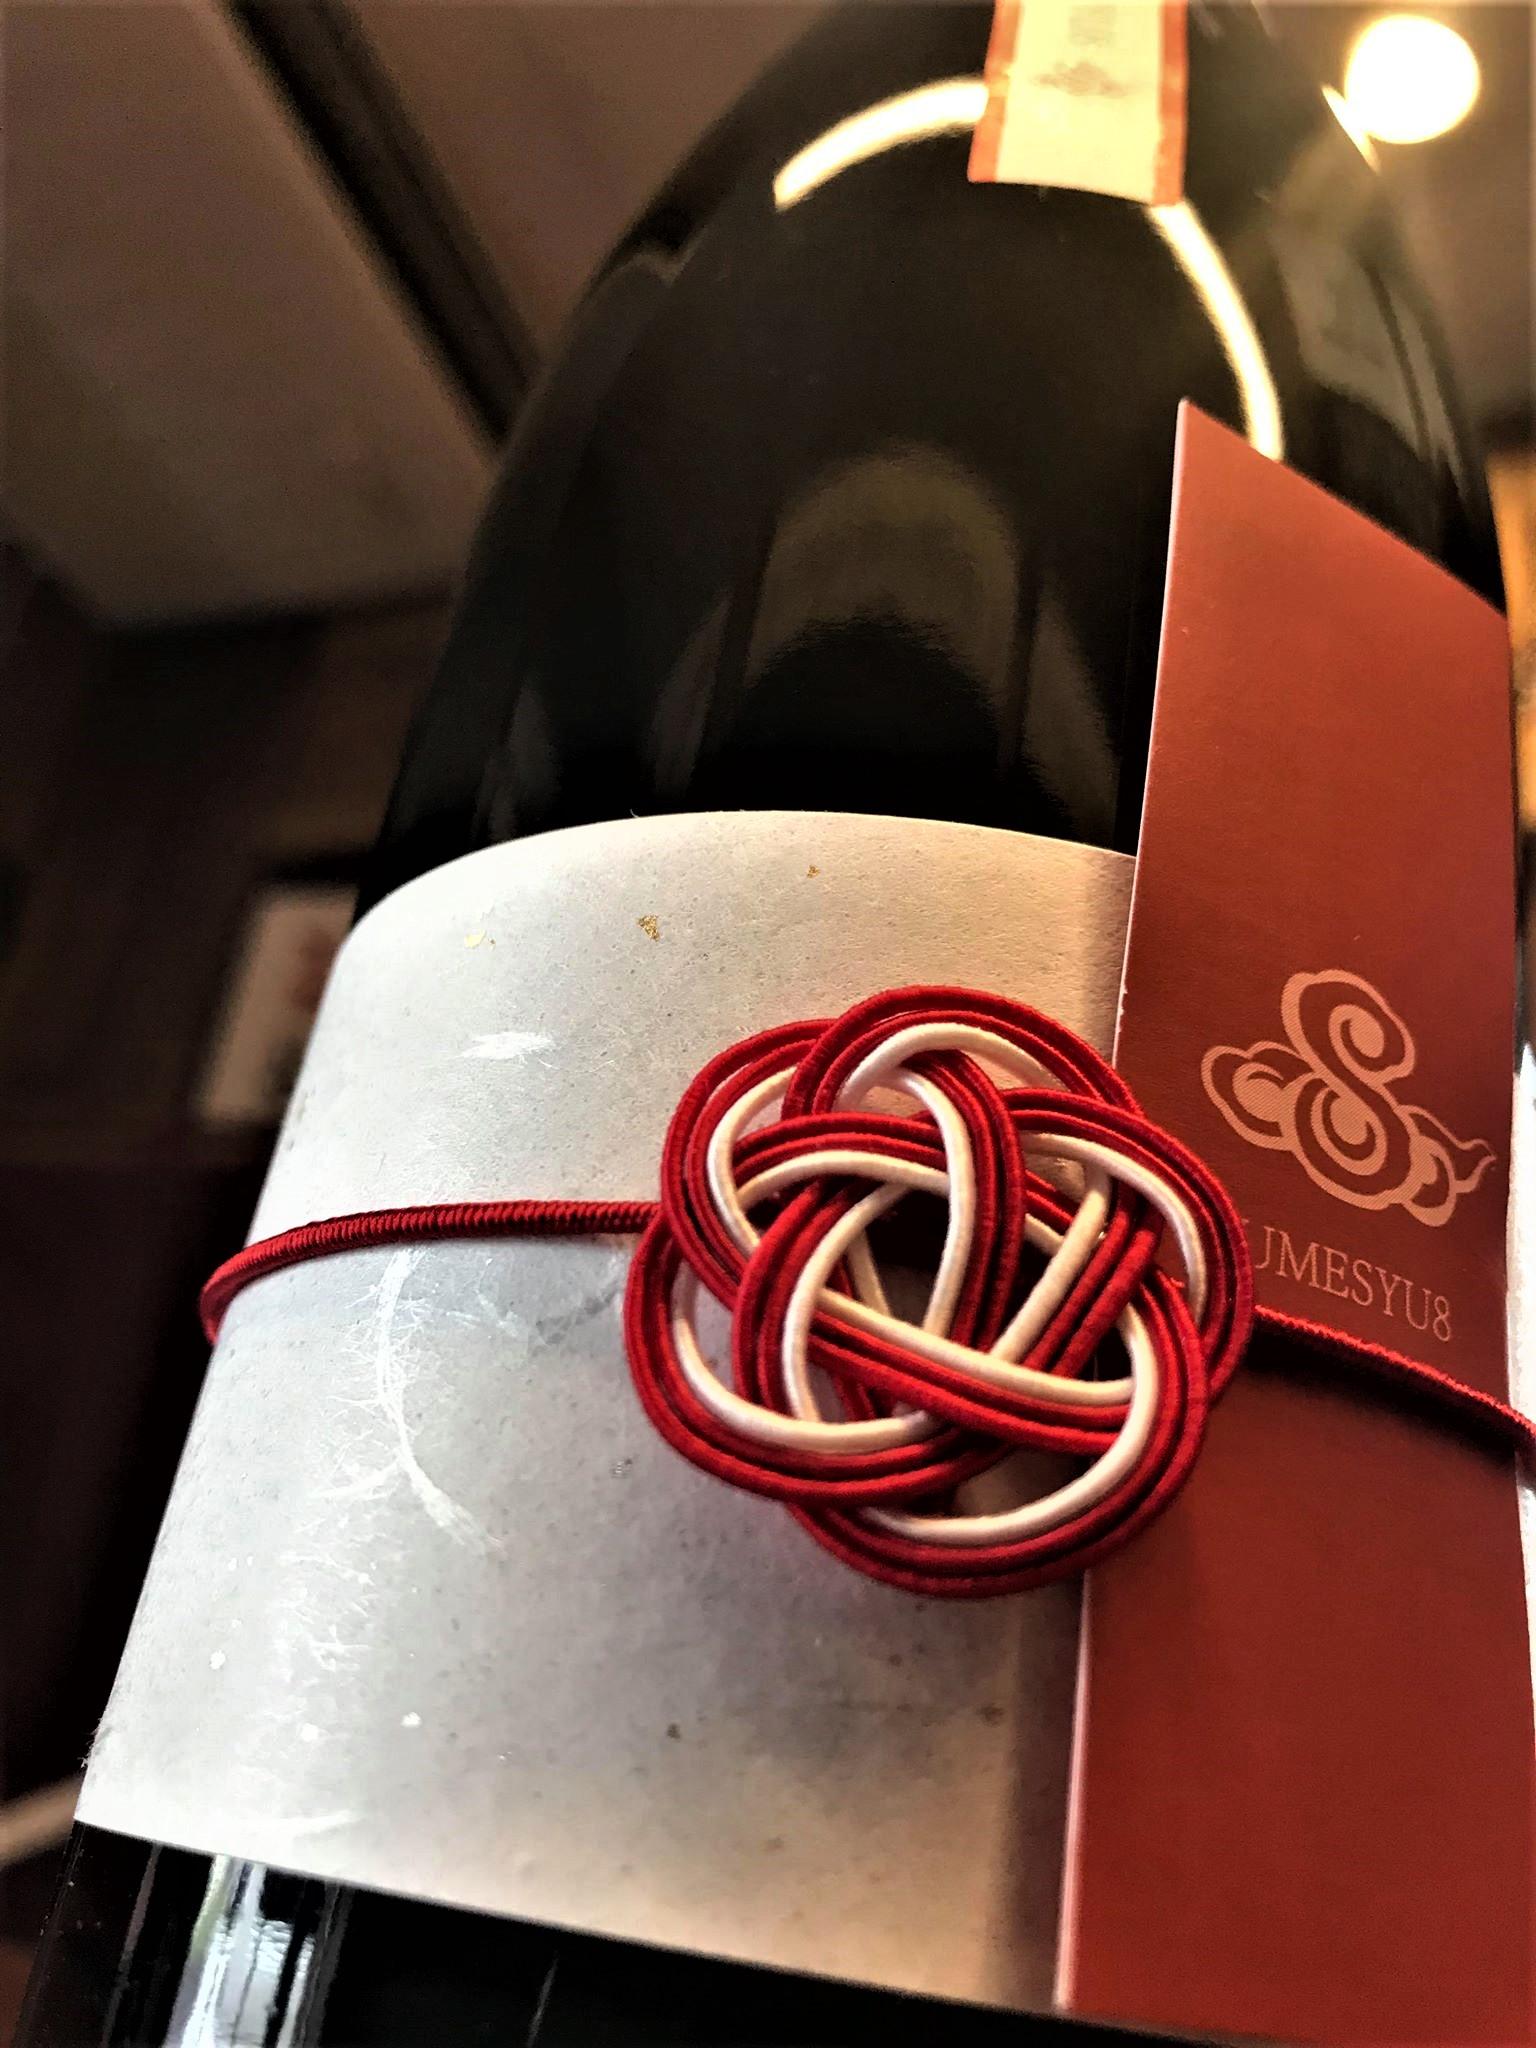 【地梅酒】酔鯨 SUIGEI UMESYU EIGHT8 八年熟成貯蔵梅酒 限定SPver_e0173738_21295591.jpg